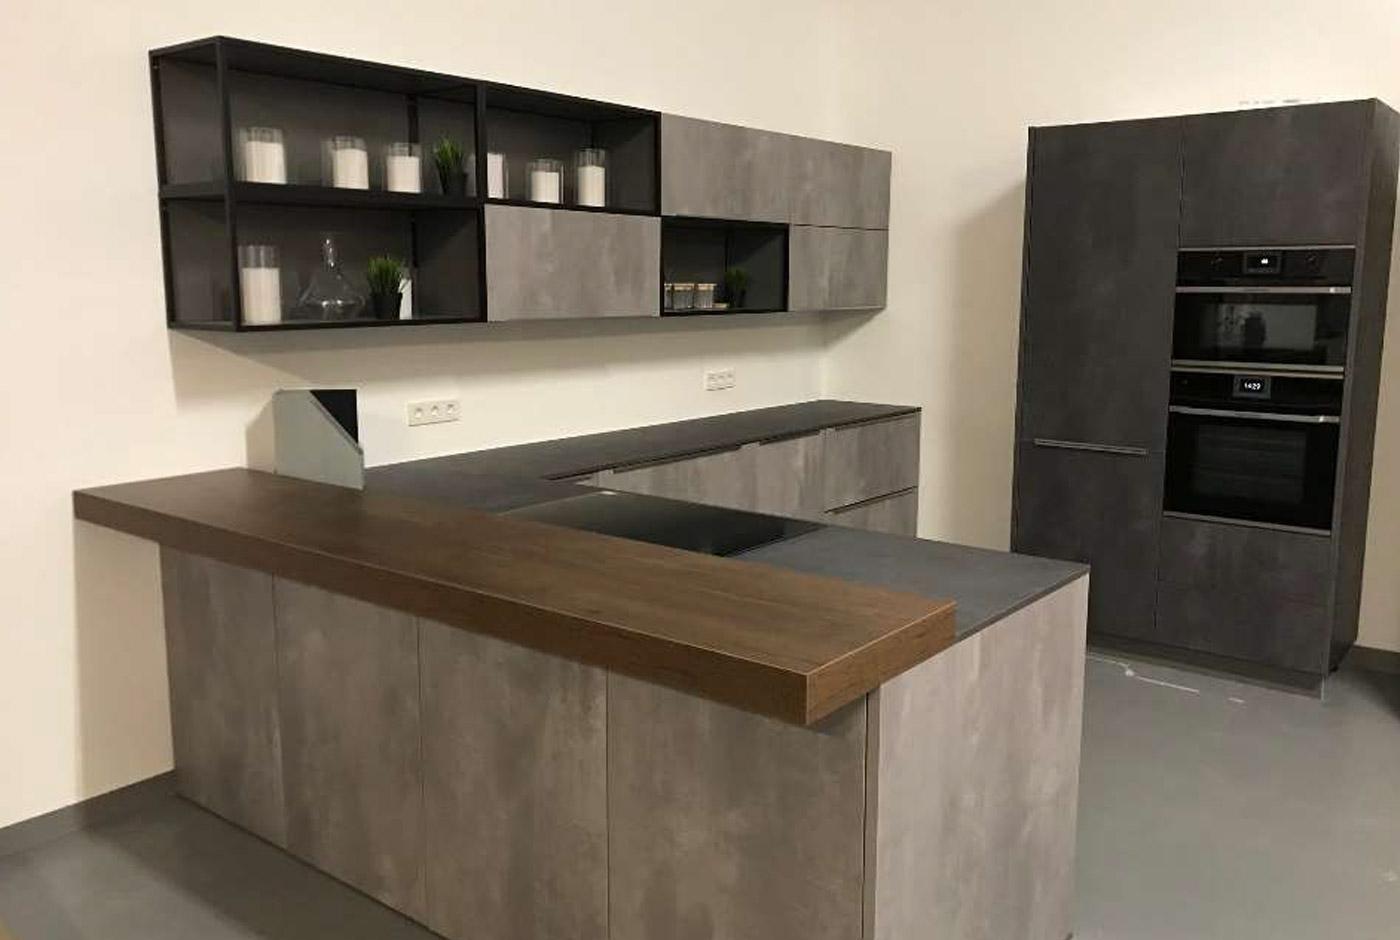 Full Size of Ausstellungsküchen Ausstellungskche Wohnzimmer Ausstellungsküchen